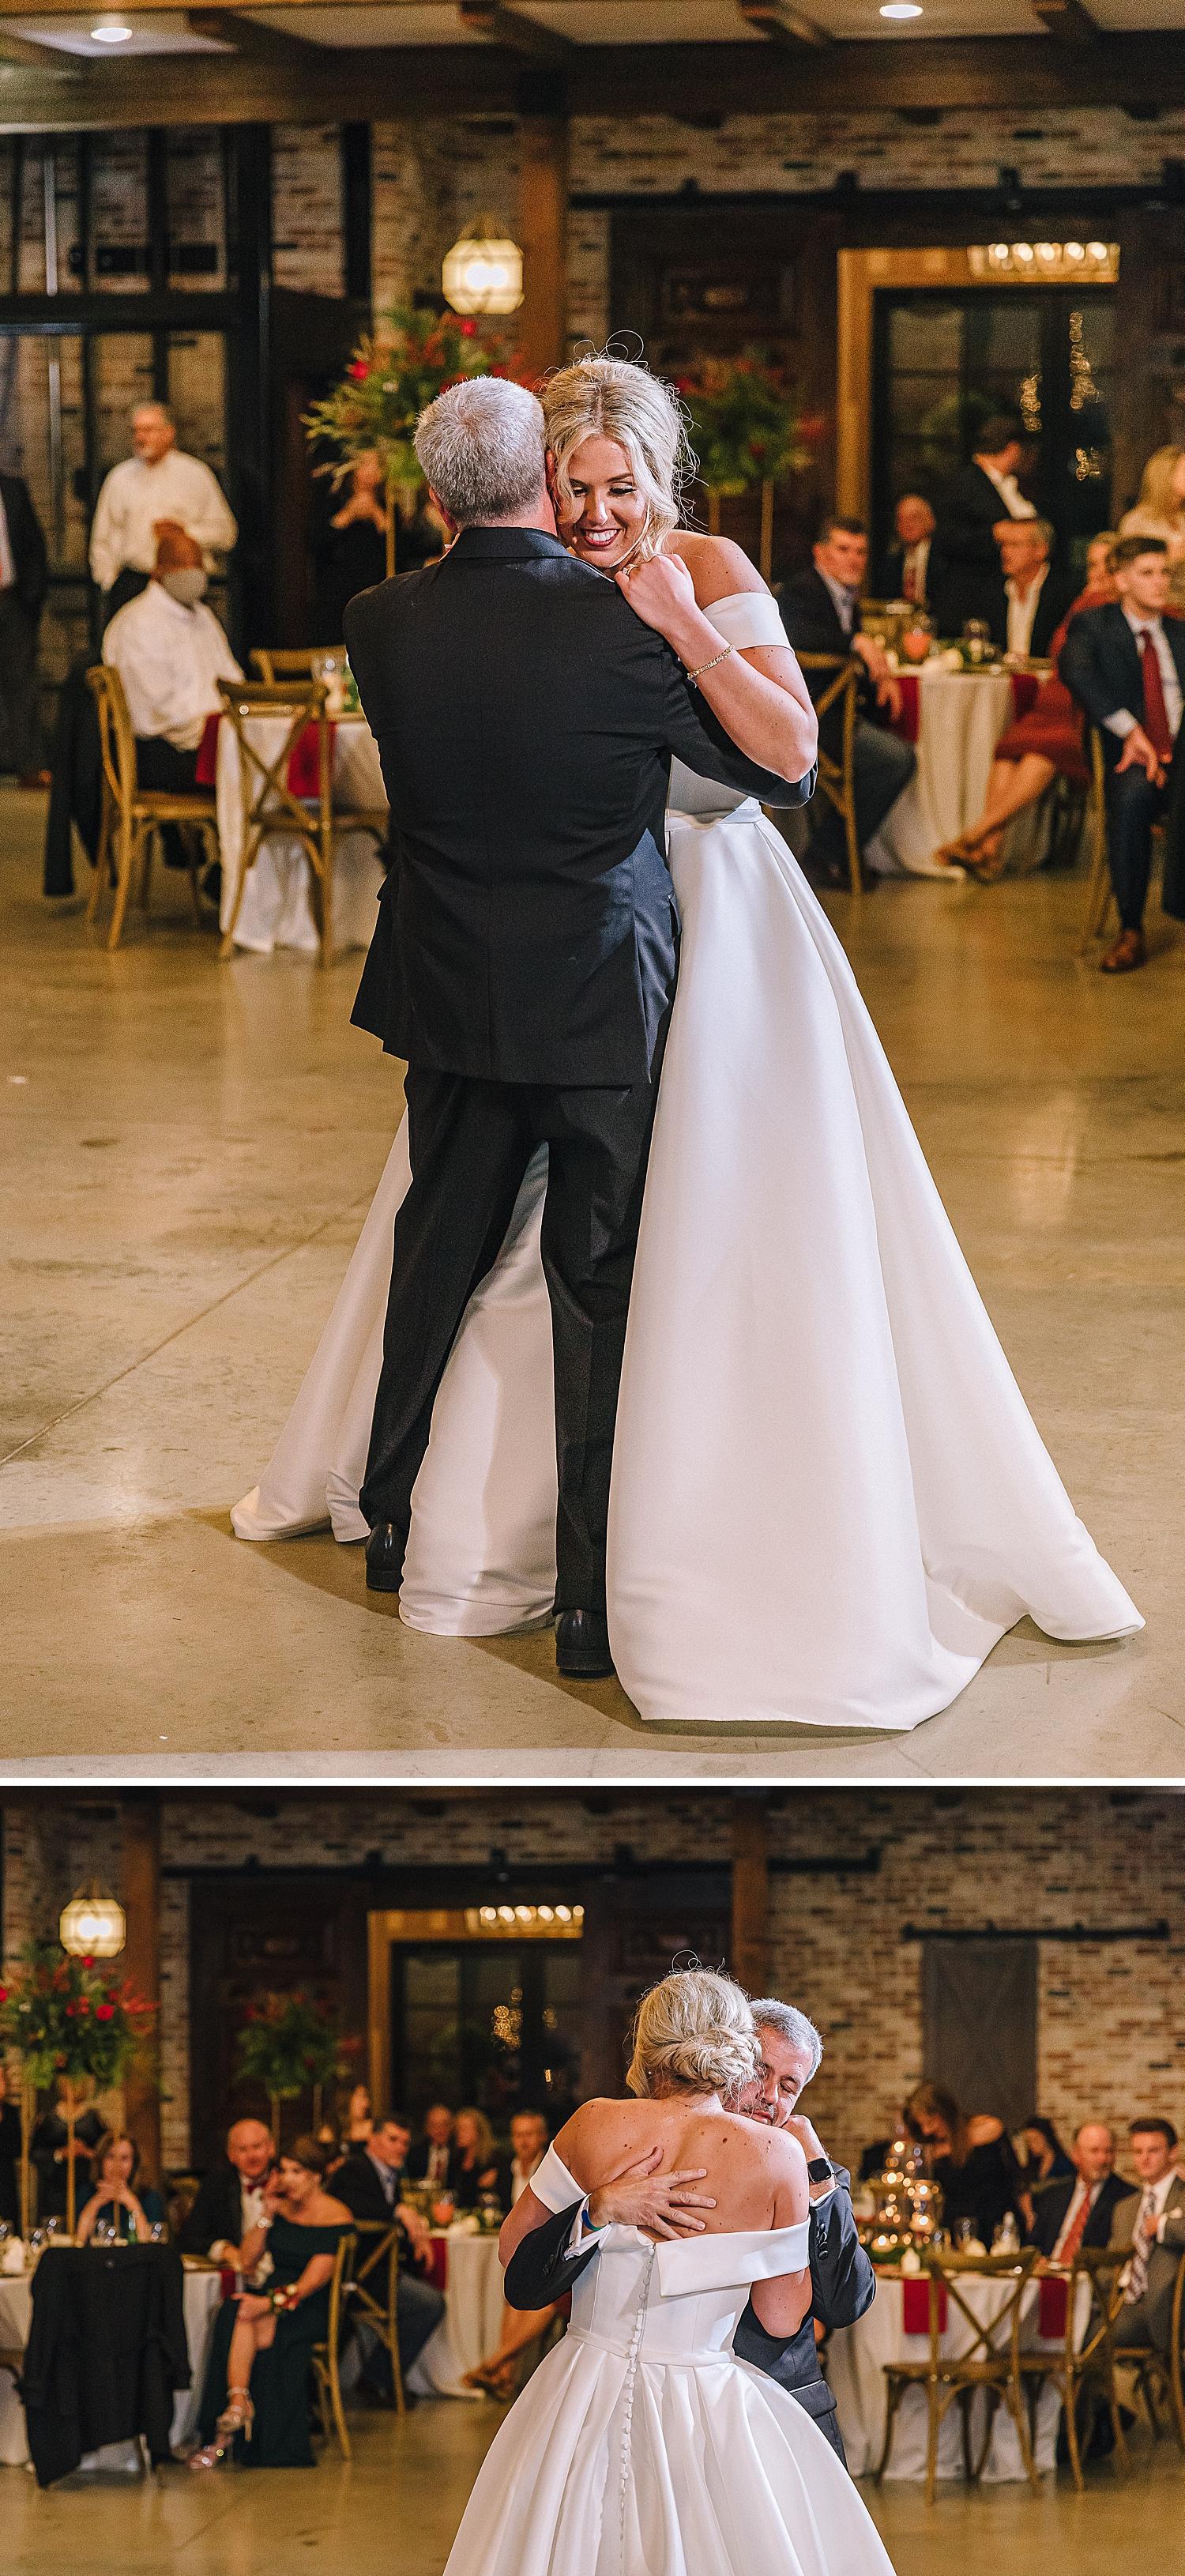 College-Station-Aggie-Wedding-The-Weinberg-at-Wixon-Valley-Christmas-Hallmark-Wedding_0137.jpg